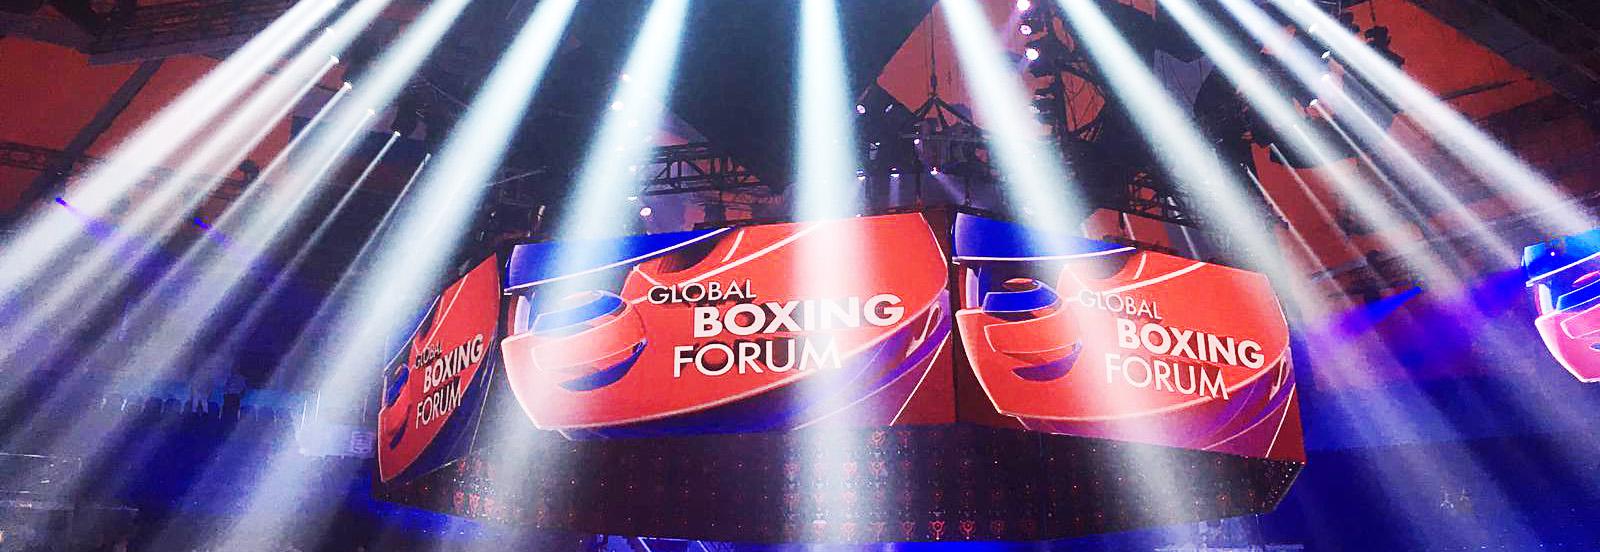 Второй Международный боксерский форум в Екатеринбурге